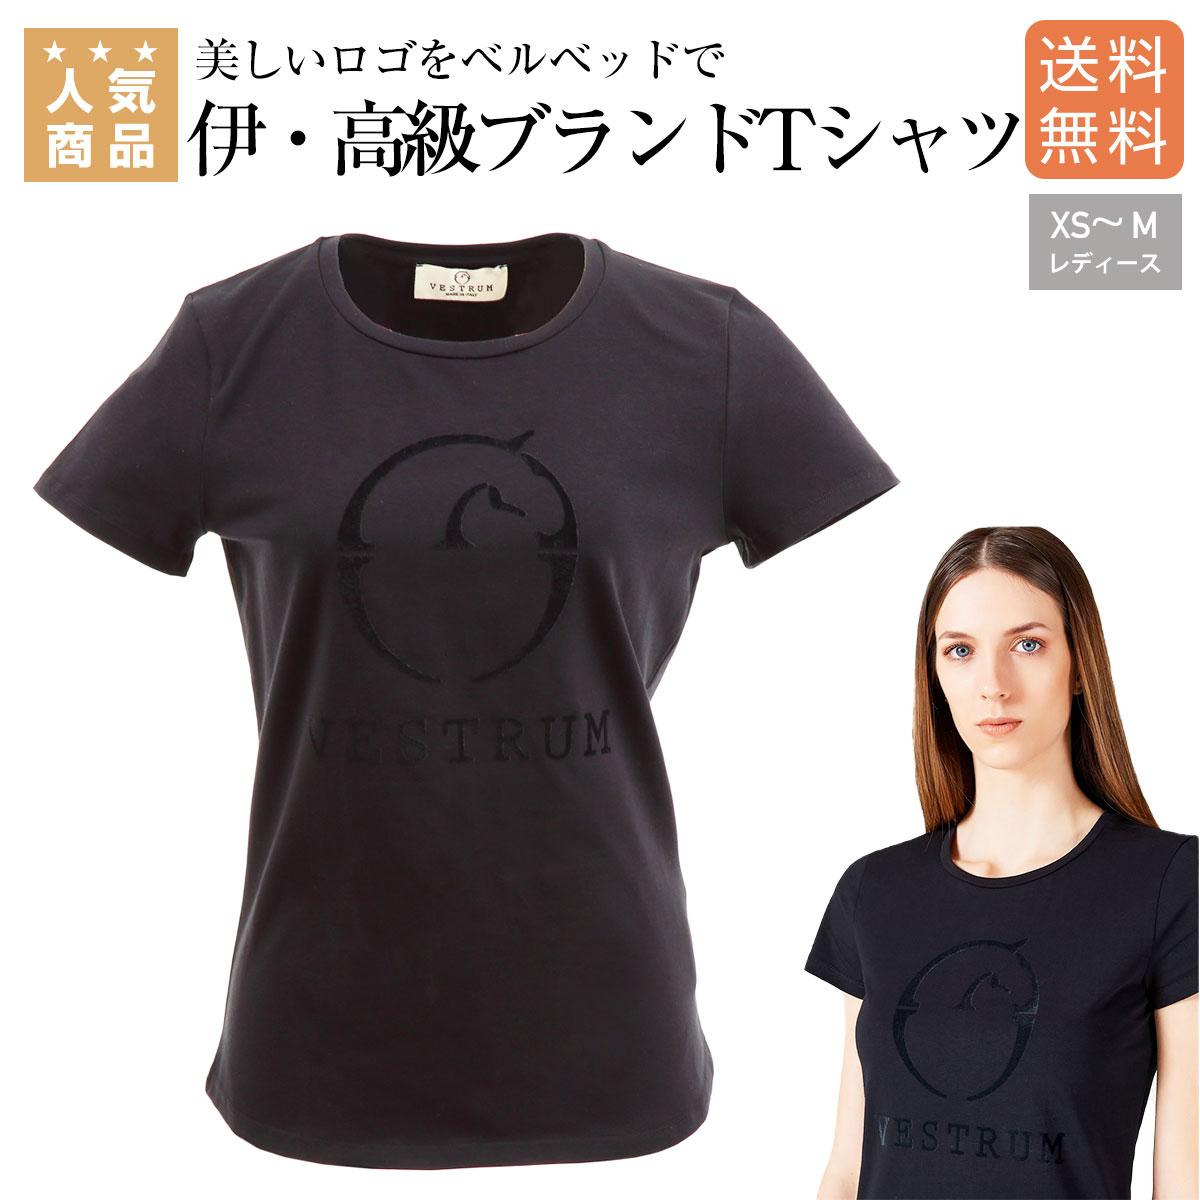 乗馬 ポロシャツ Tシャツ ティーシャツ 乗馬用ウエア 送料無料 VESTRUM フレーム ビッグ ロゴ Tシャツ 乗馬用品 馬具